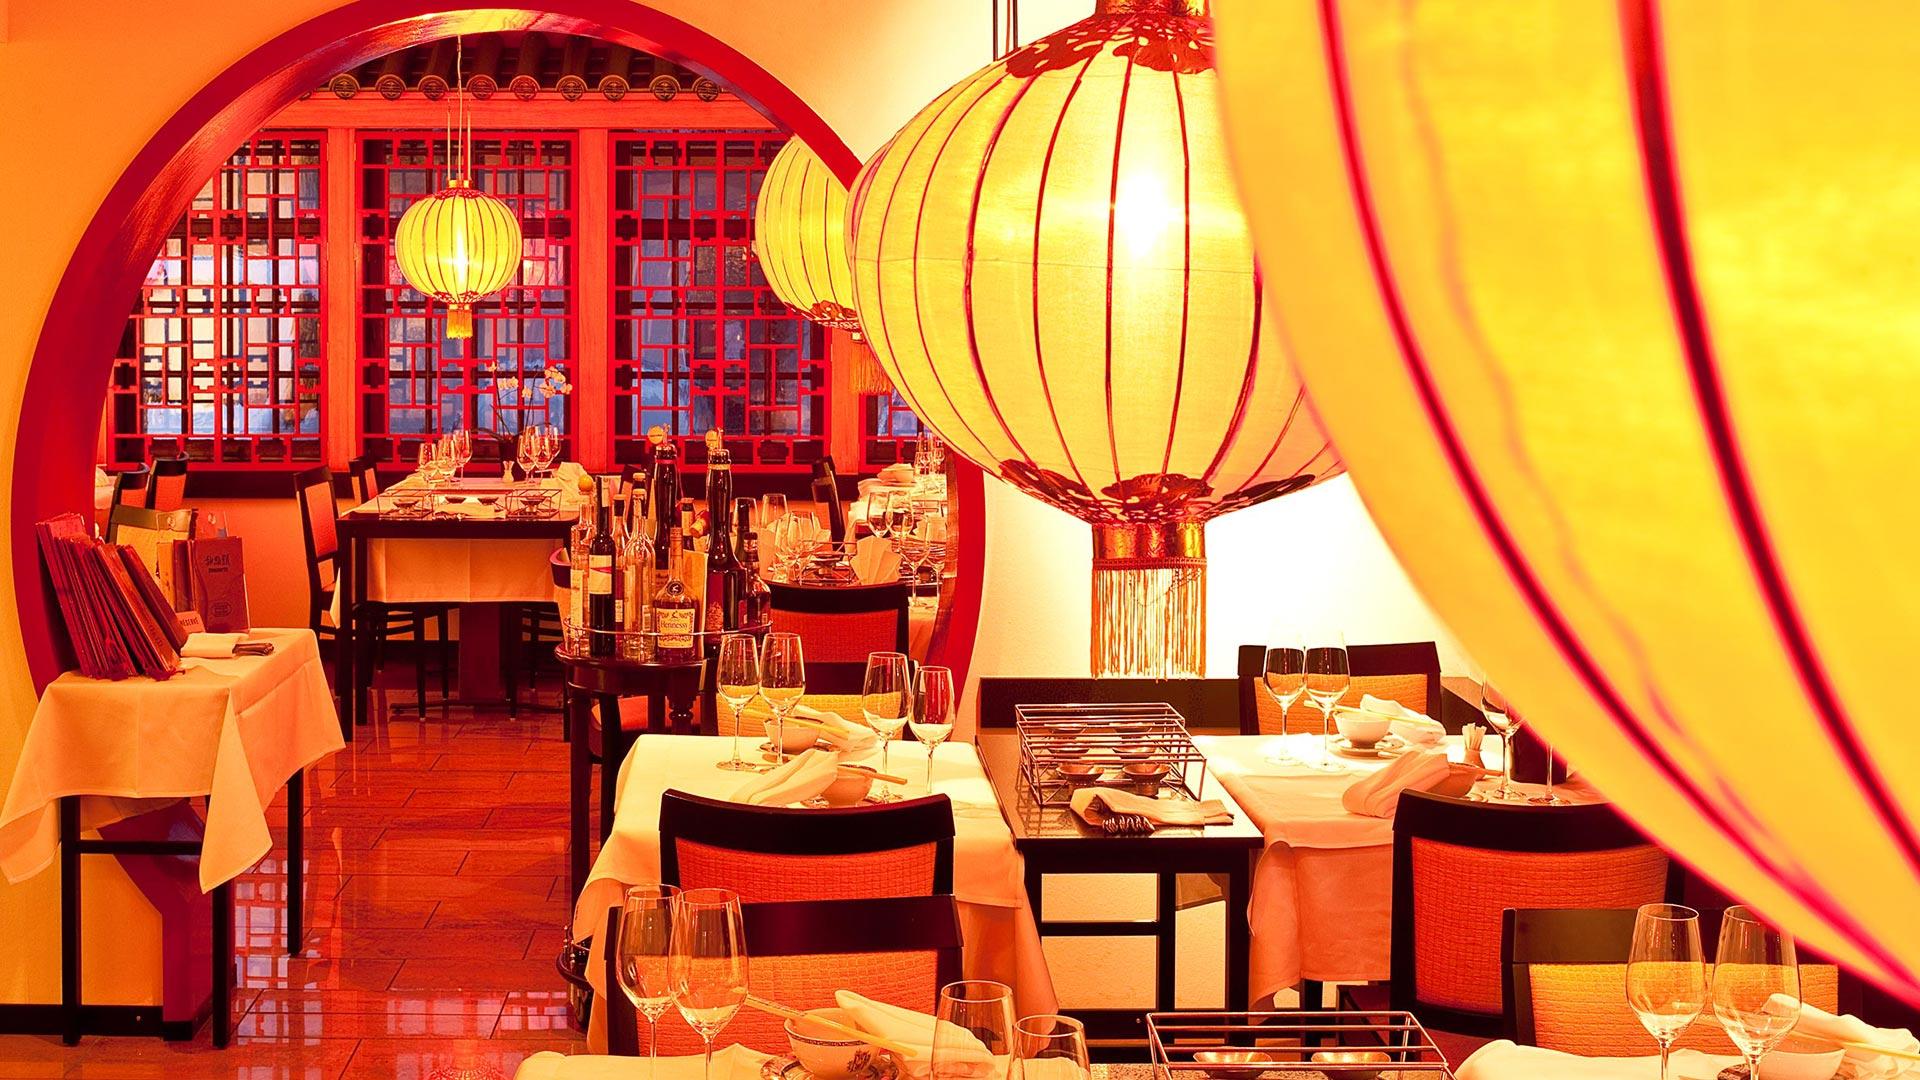 krone-thun-china-restaurant-innenansicht.jpg